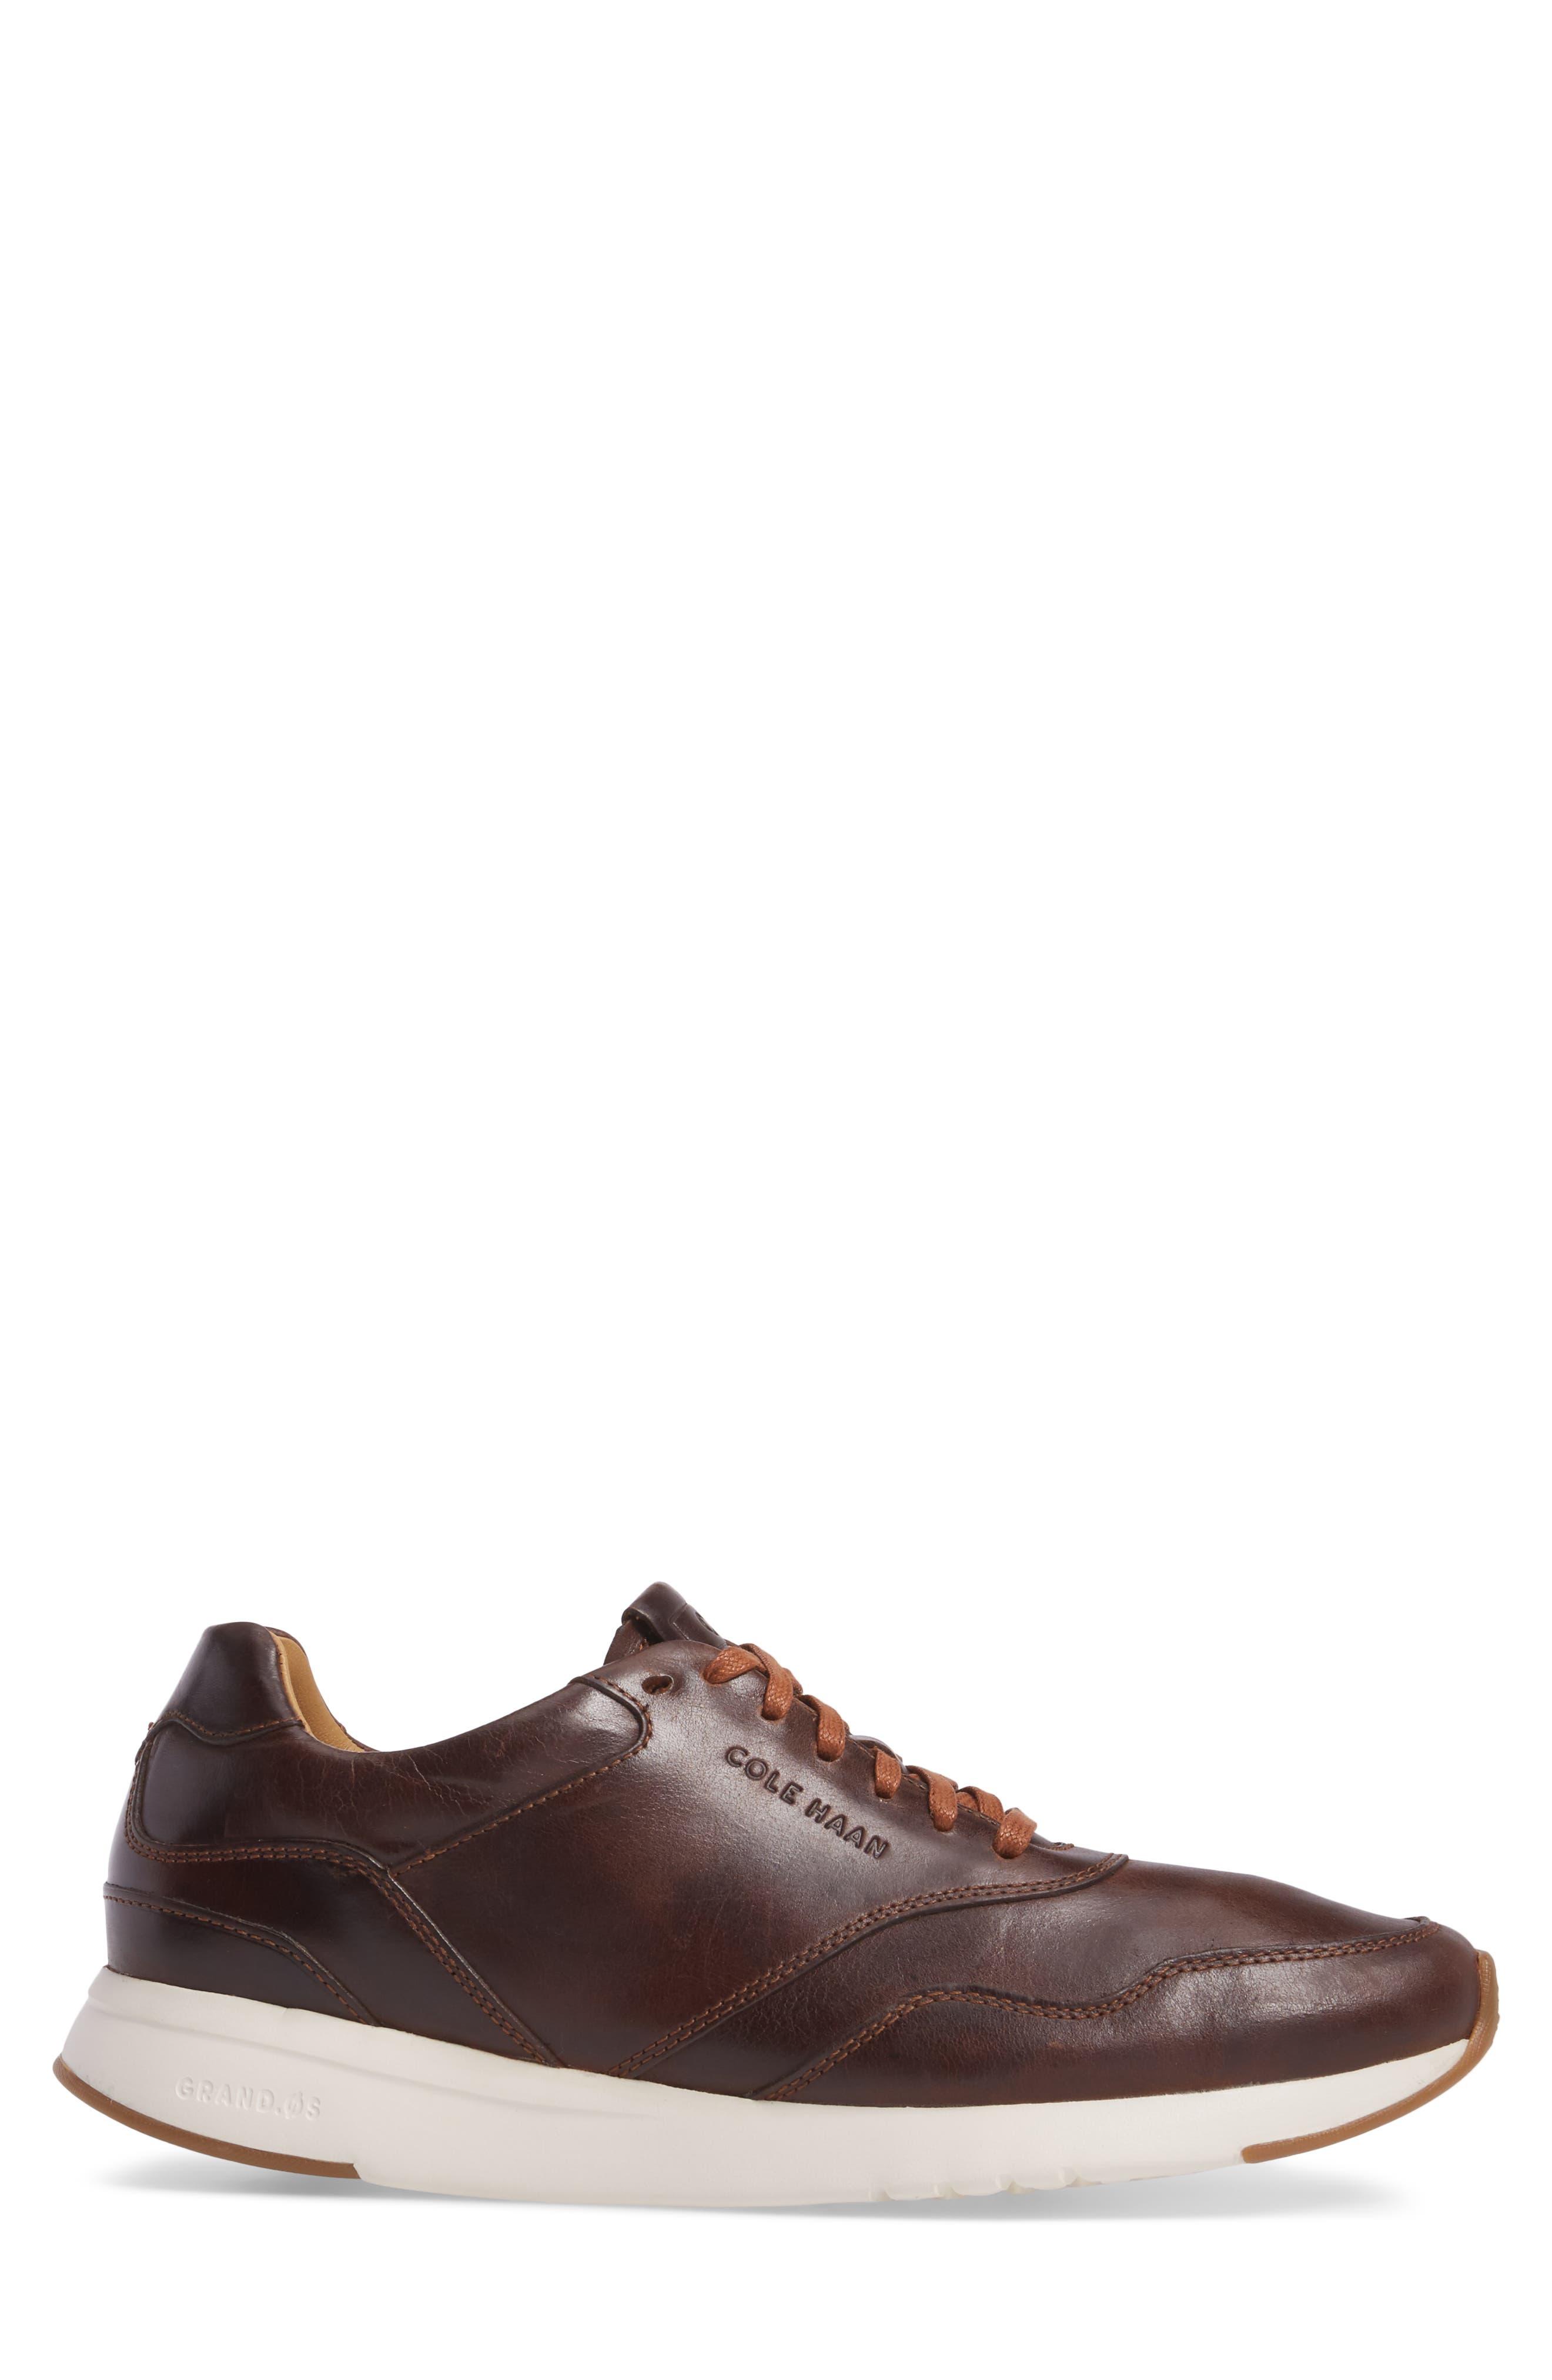 GrandPro Runner Sneaker,                             Alternate thumbnail 17, color,